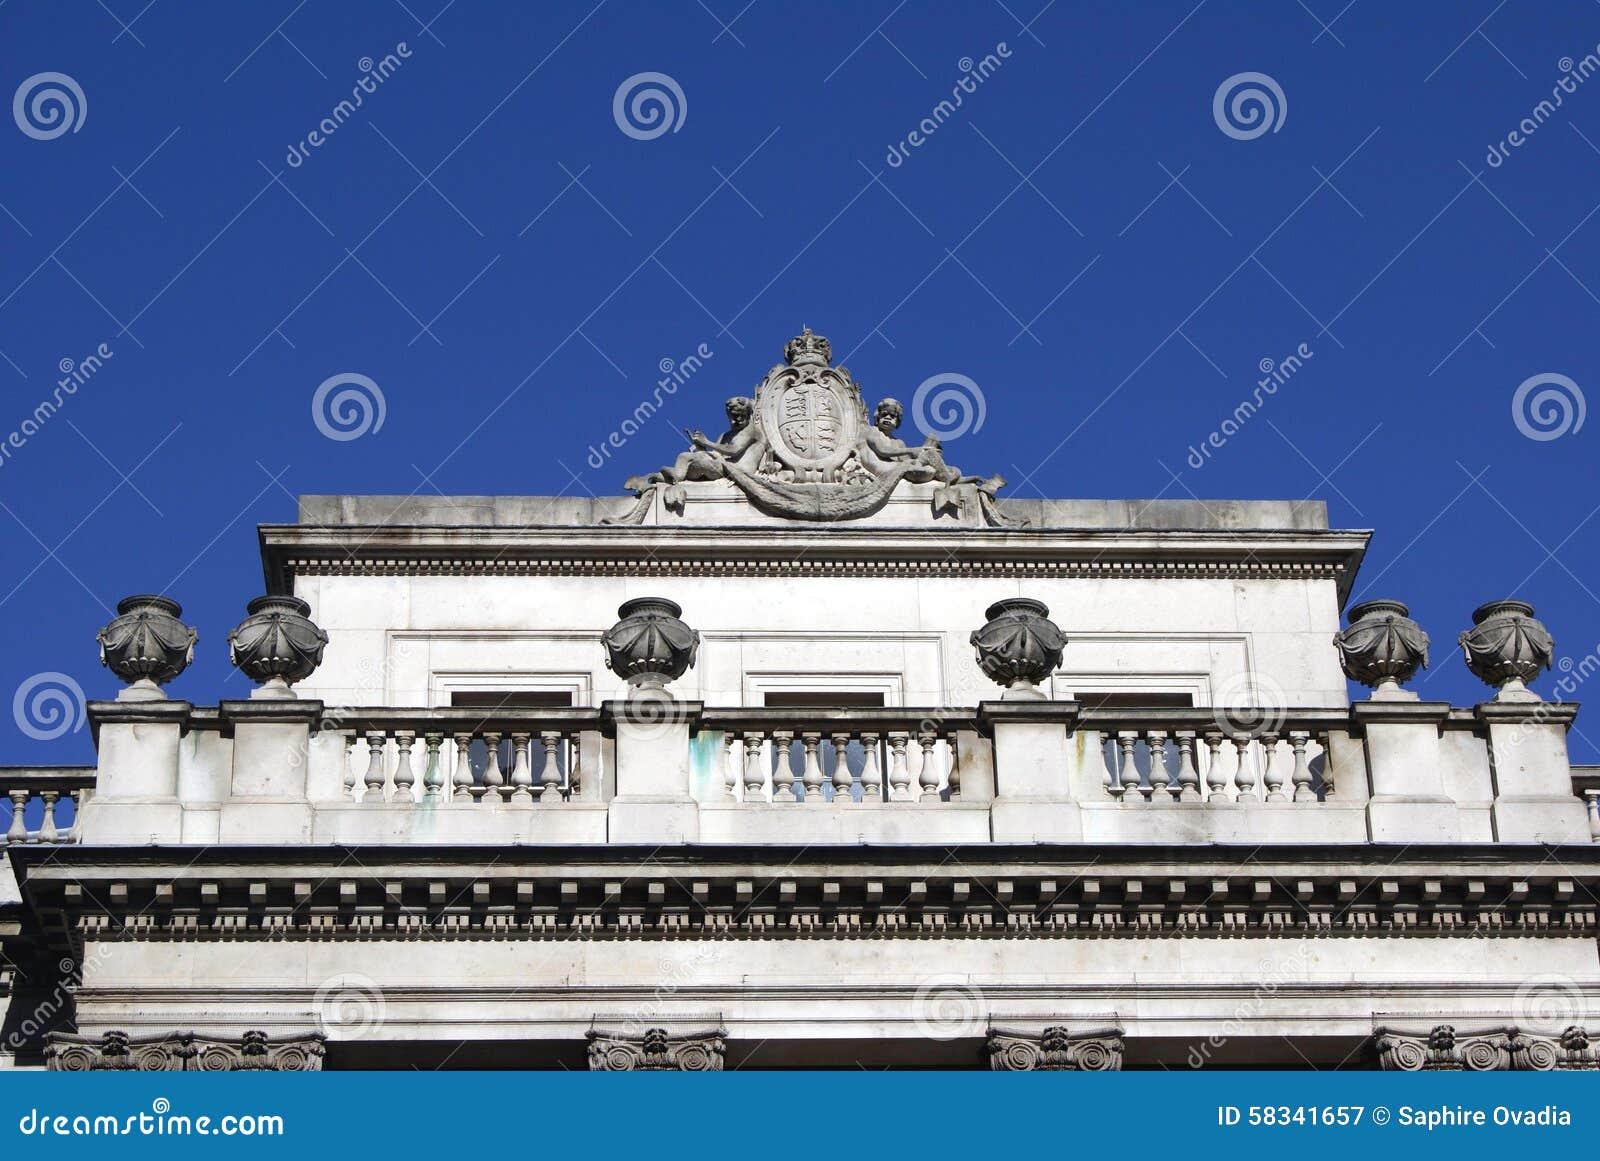 Meerminnen met een wapenschild en urnen van Somerset House, Londen, Engeland, Europa